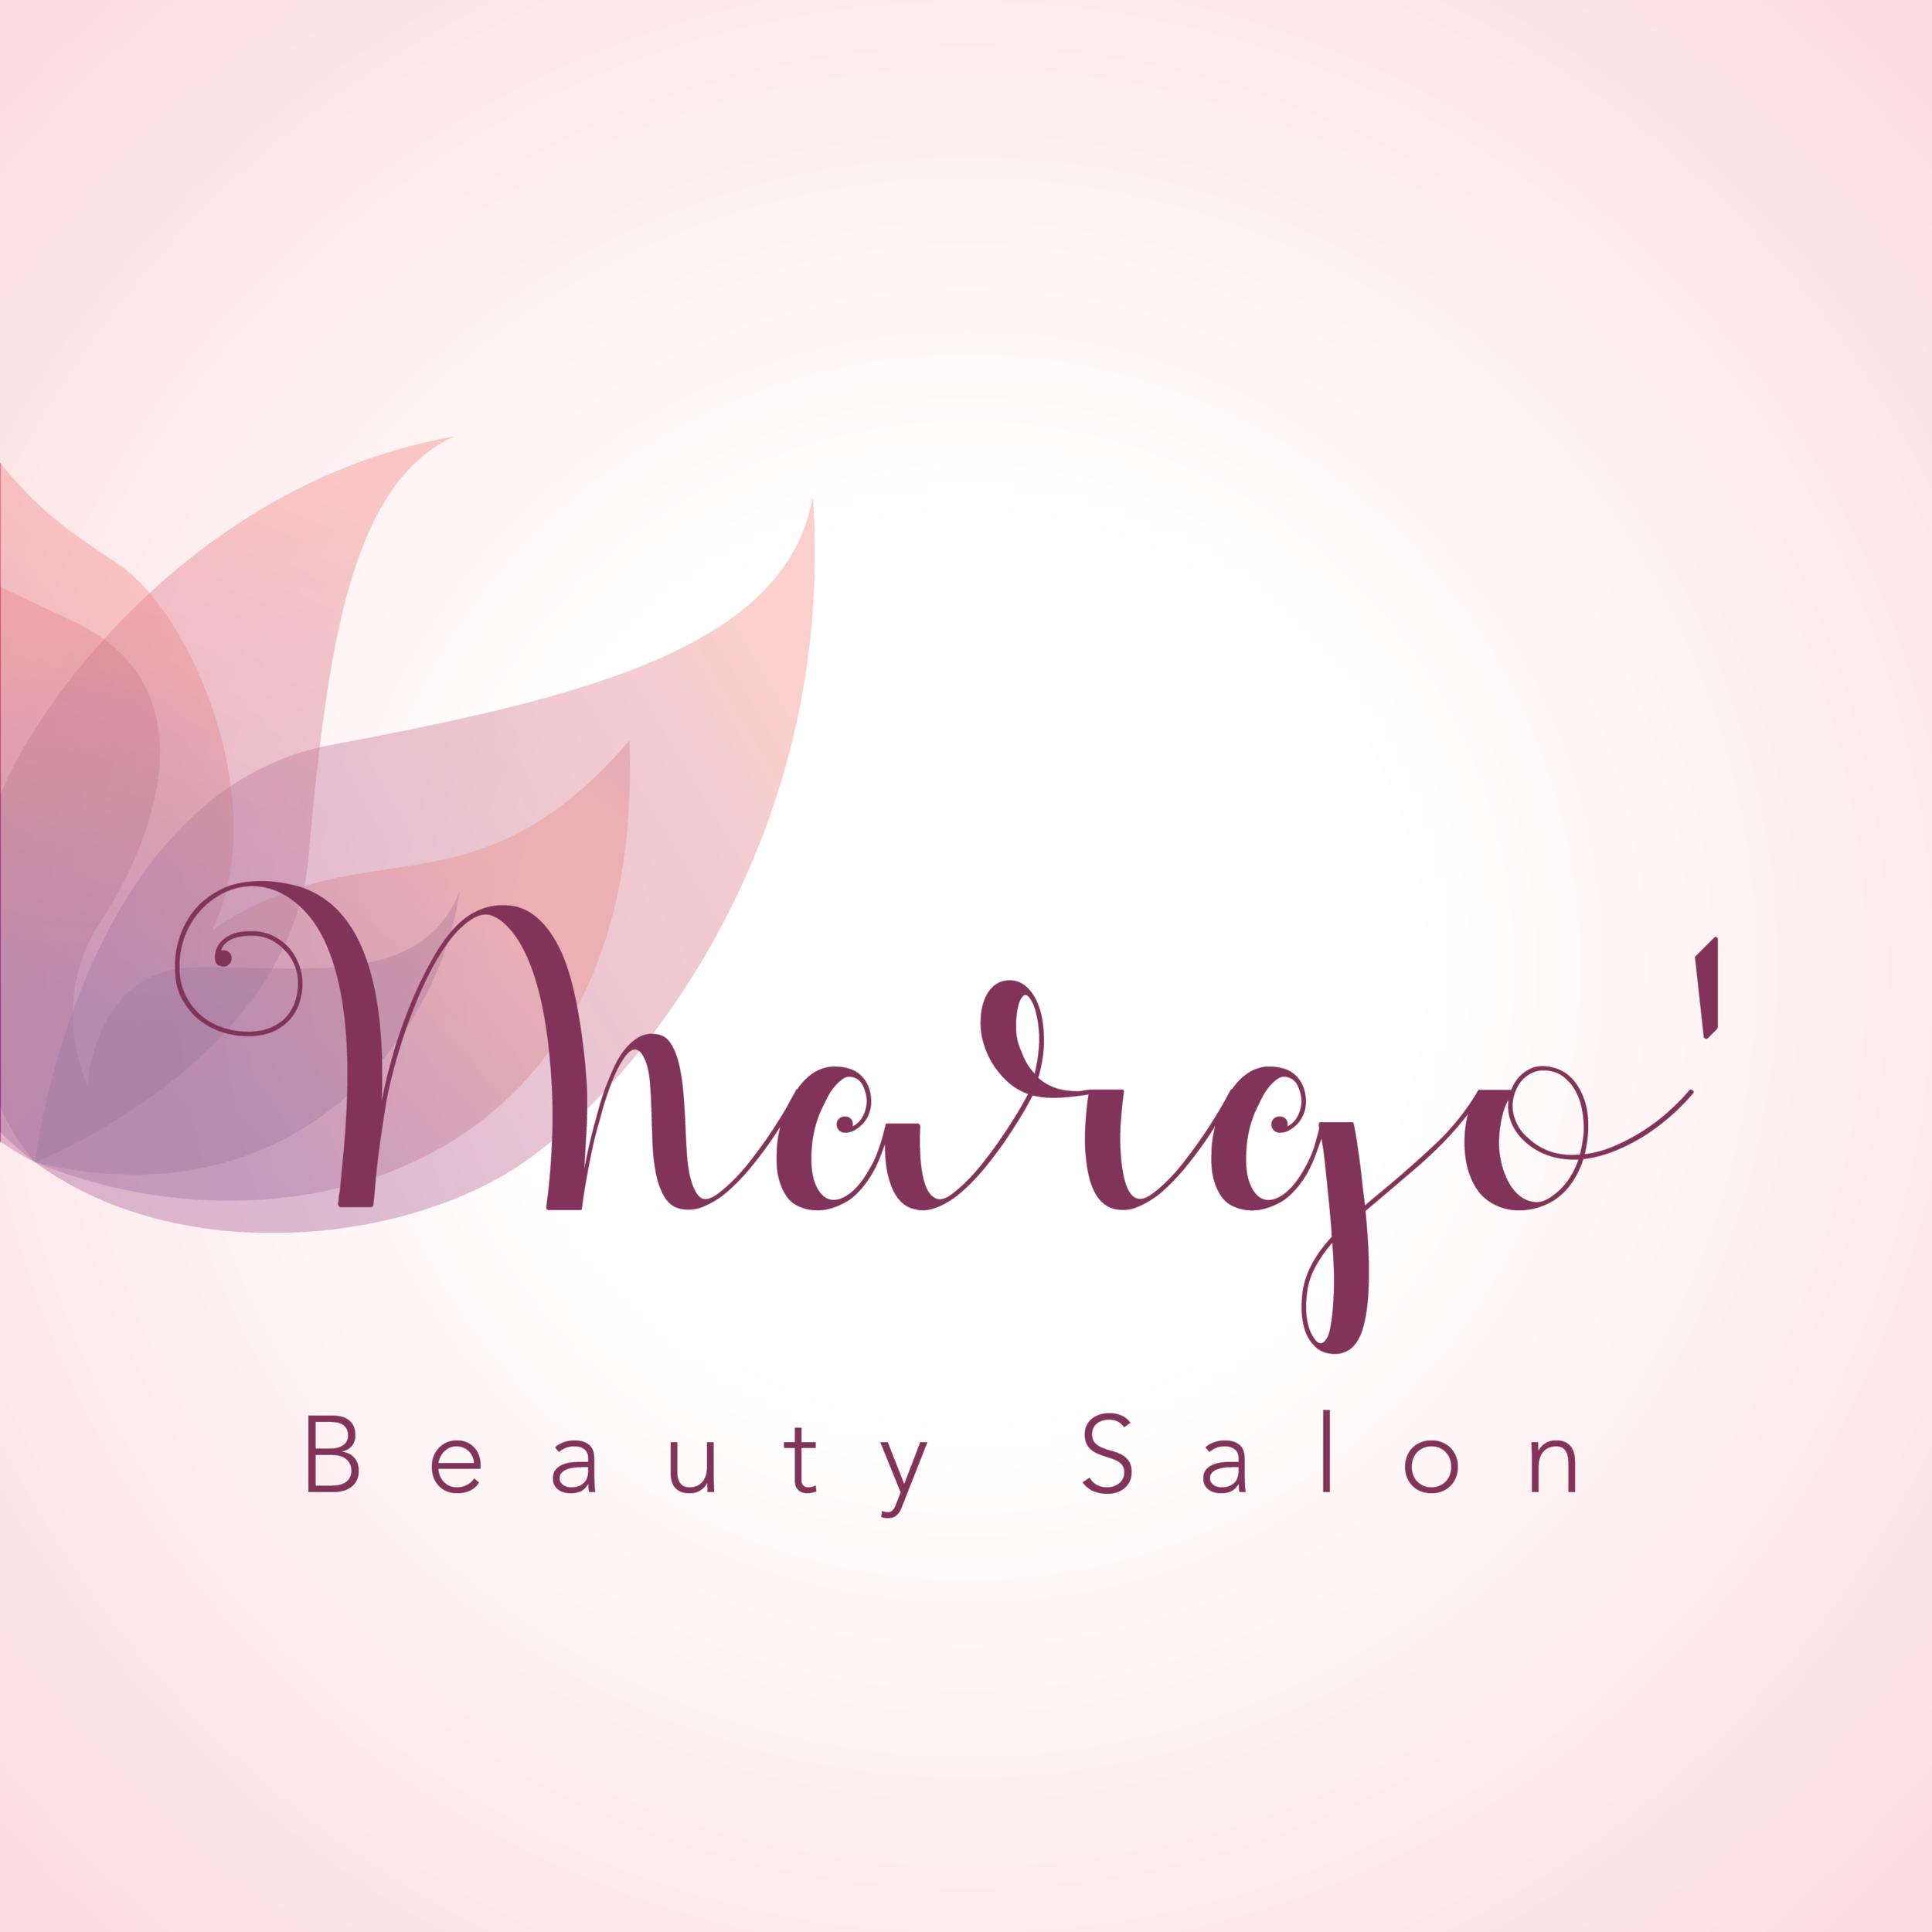 Margo' Beauty Salon